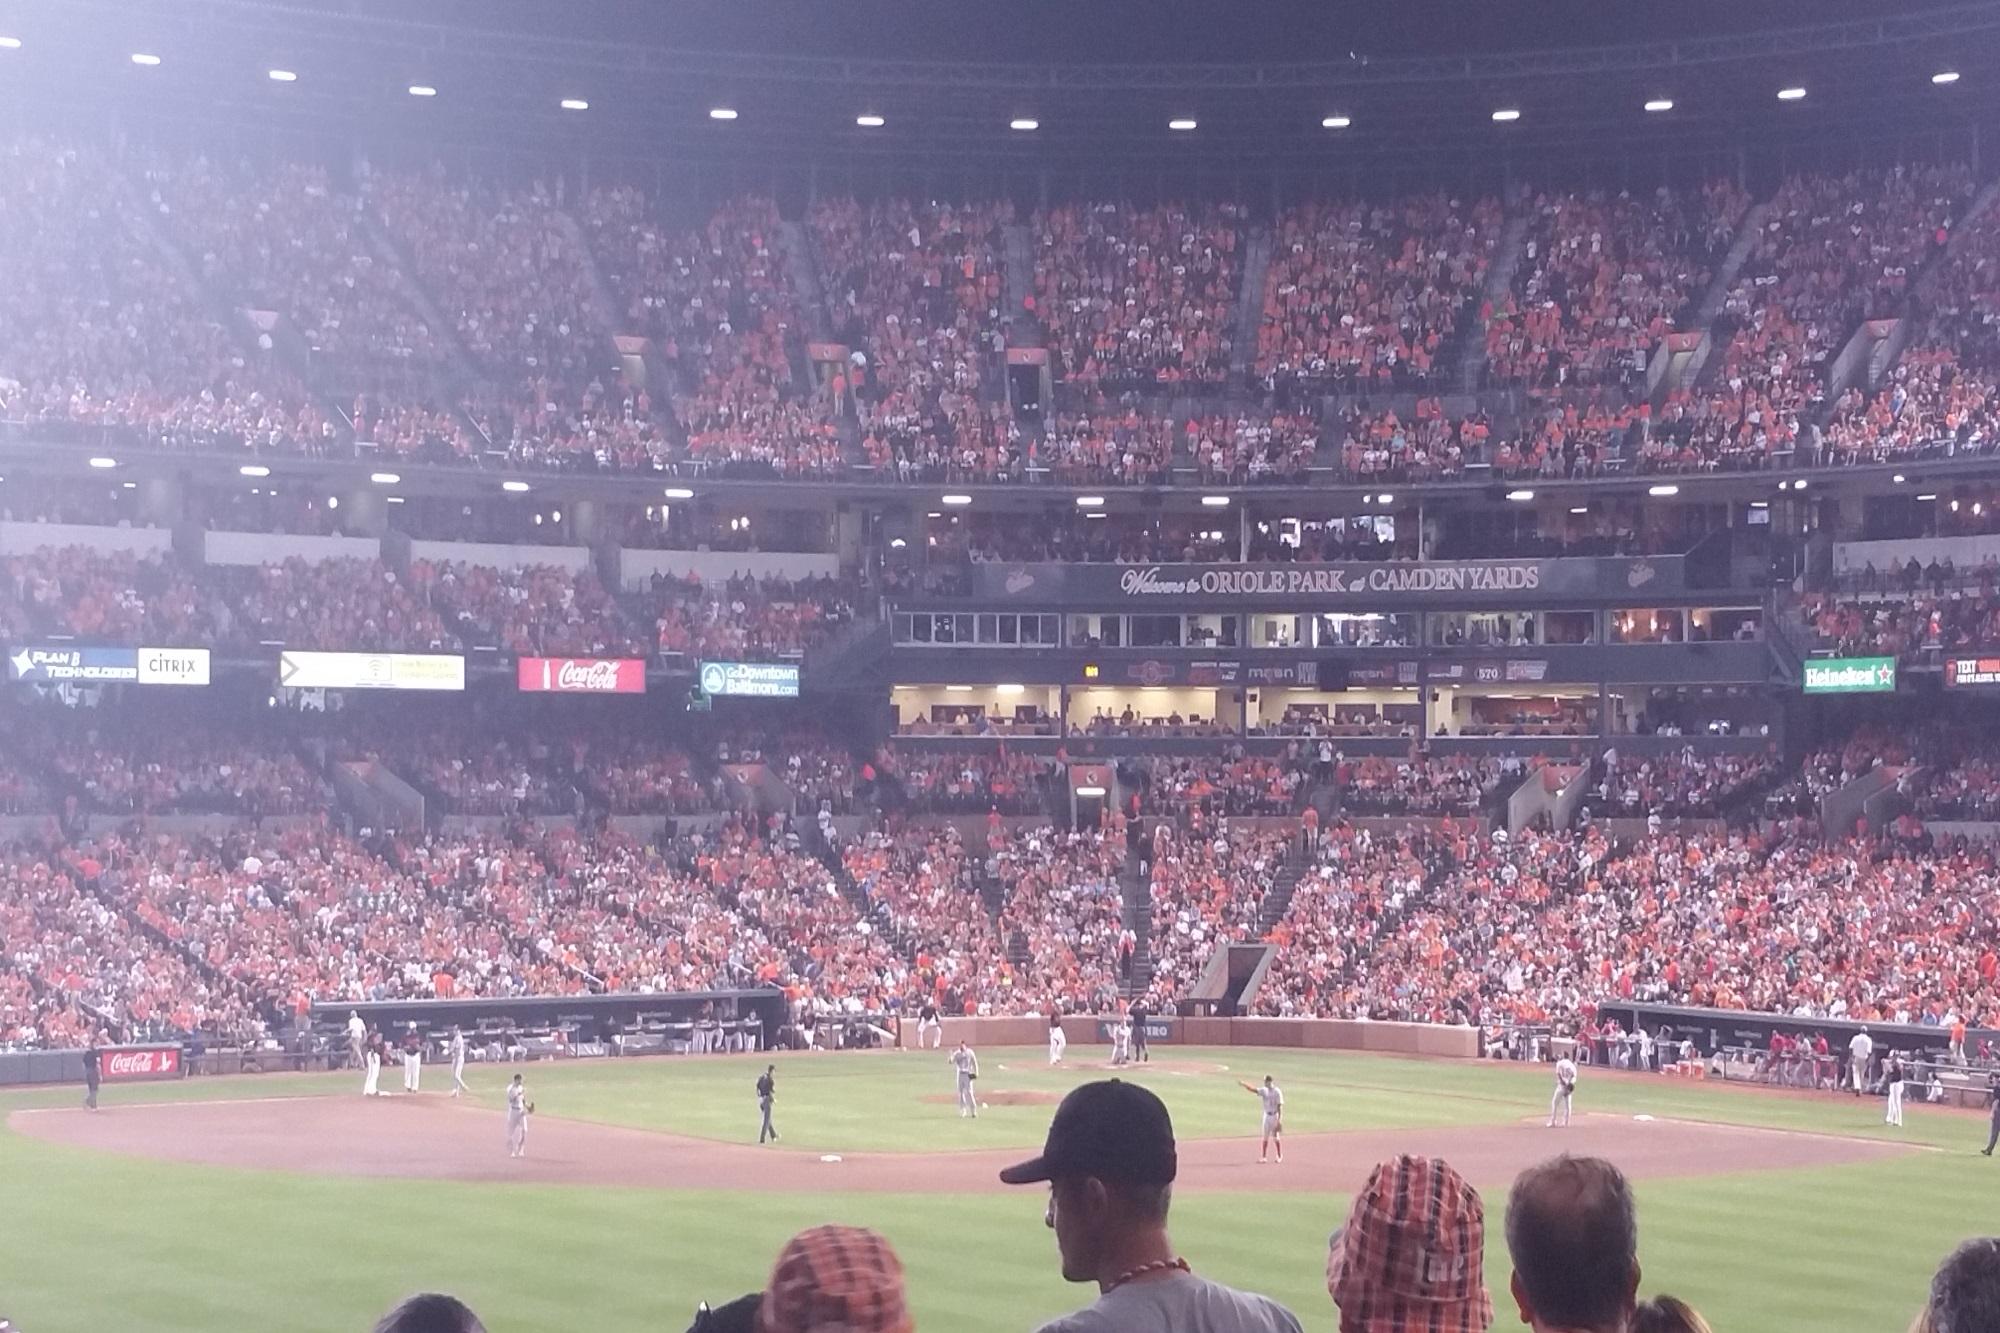 Orioles Fans